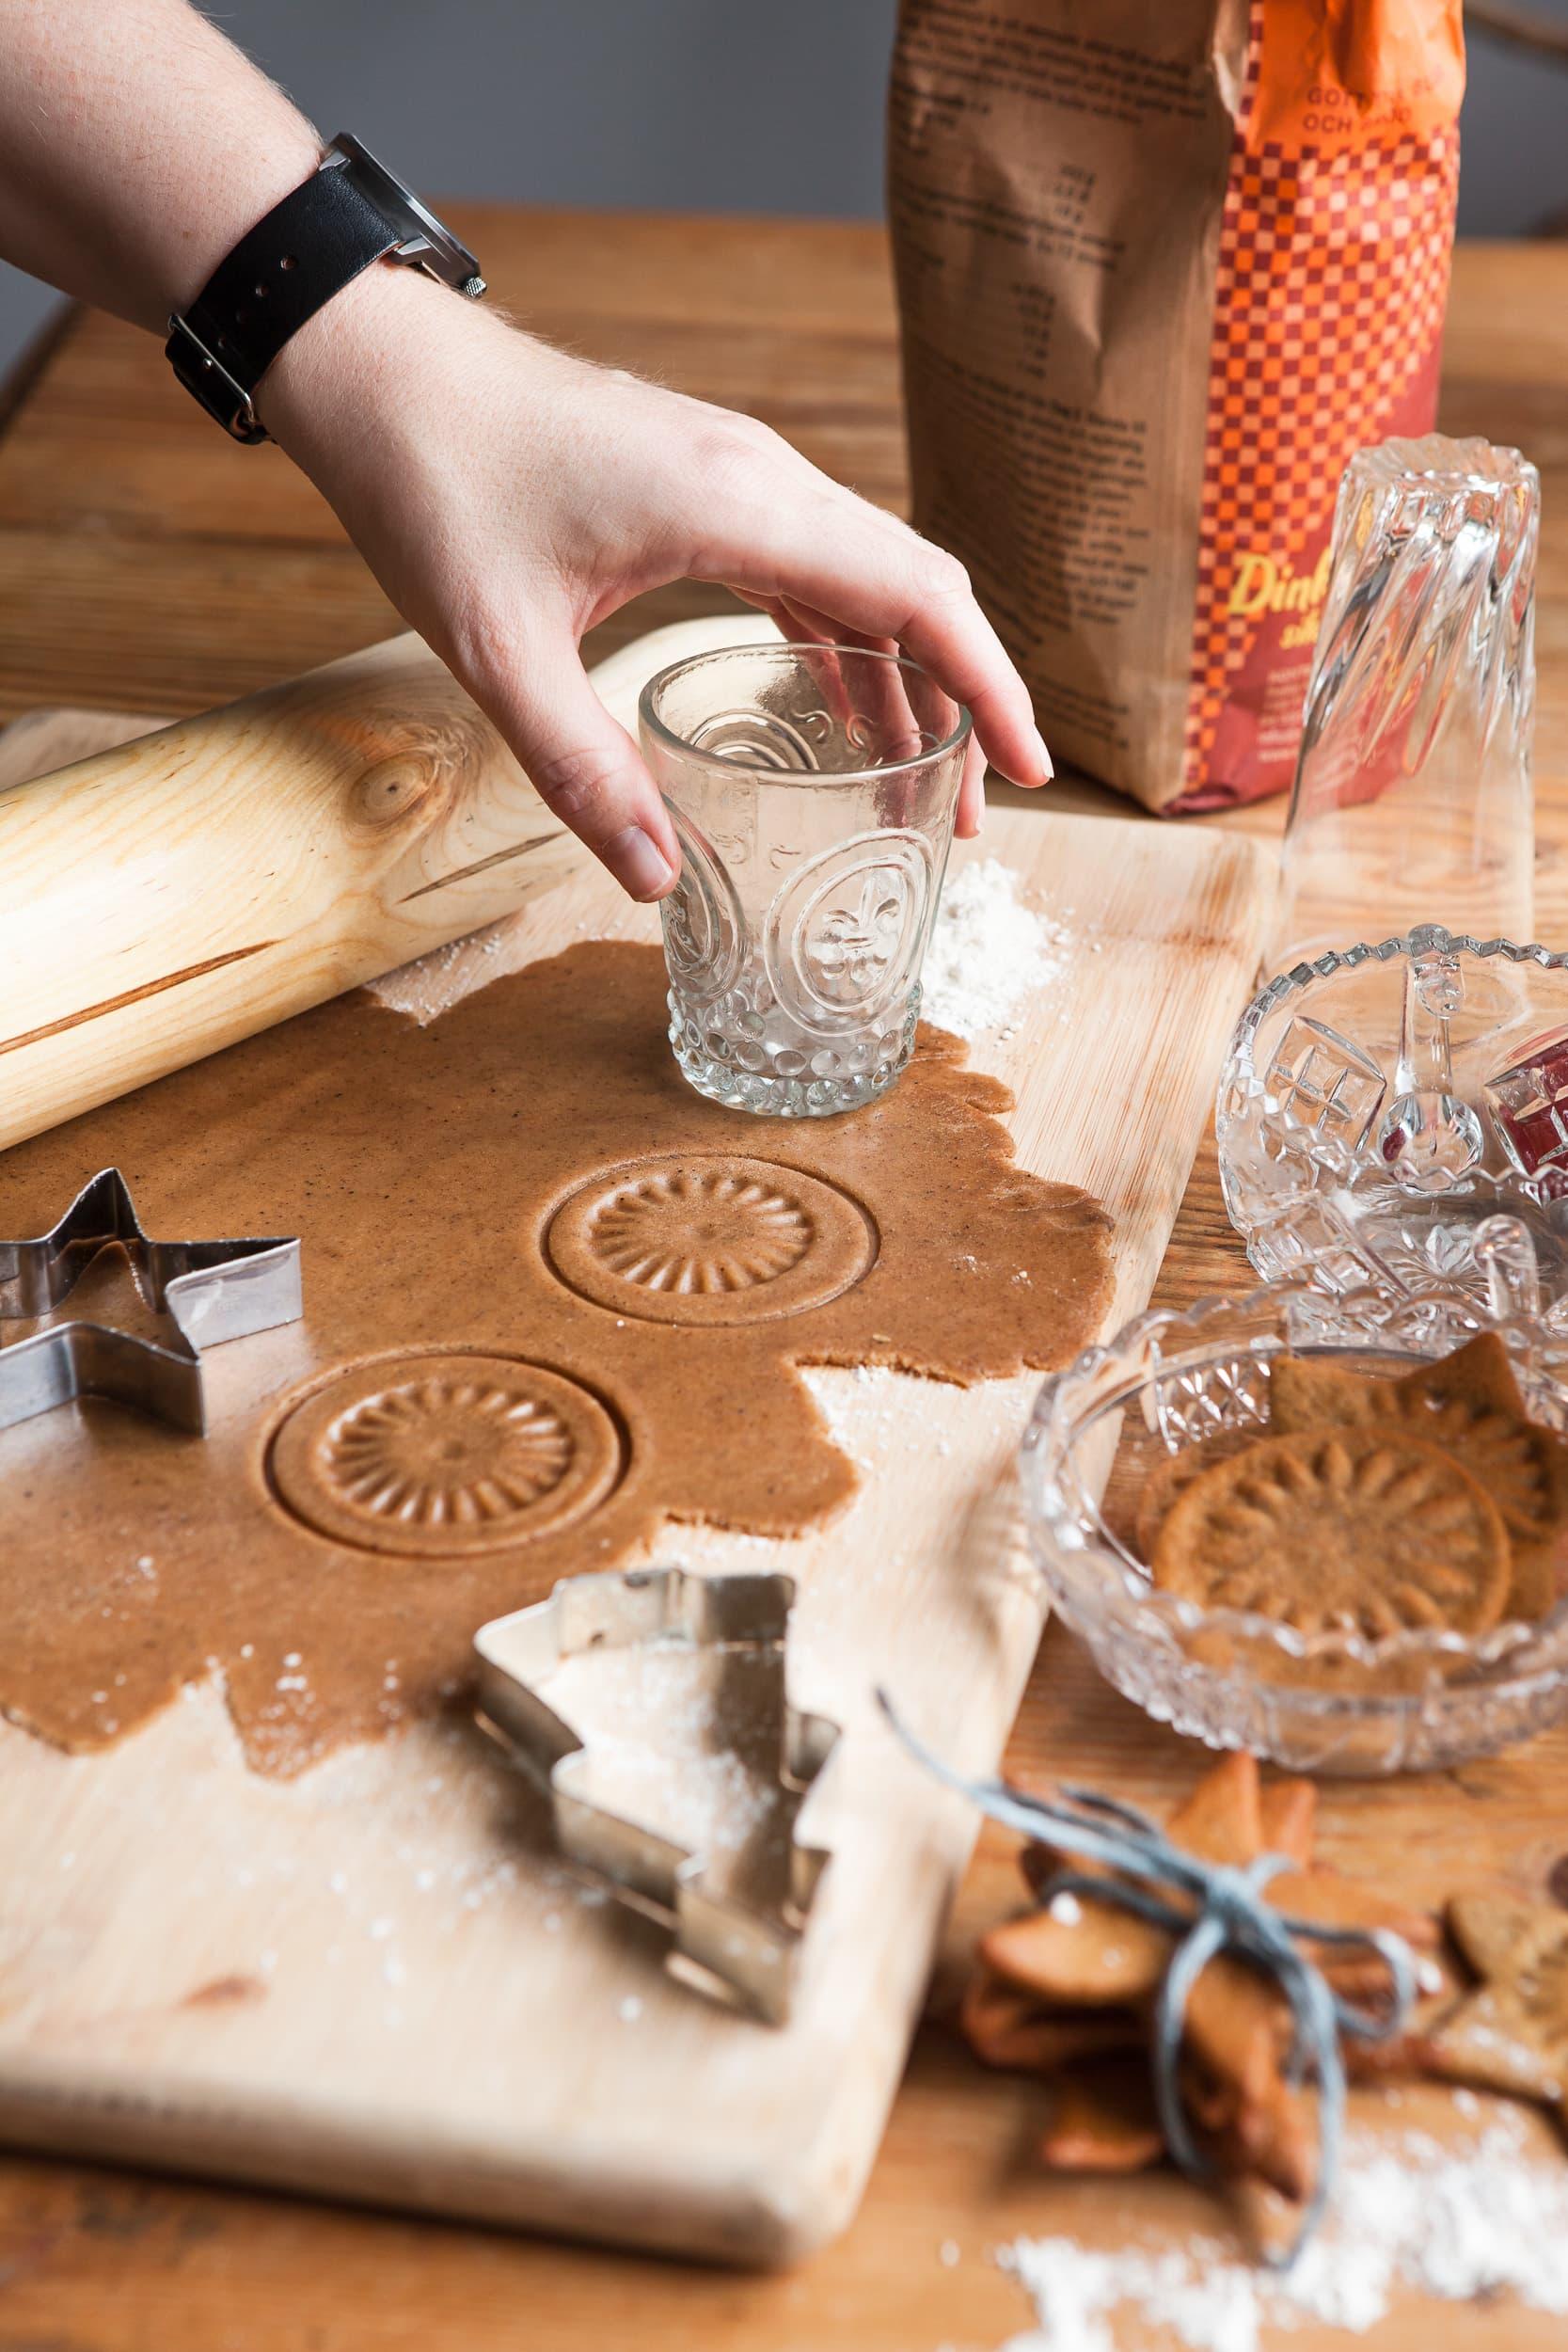 Pepparkakor med stjärnmönster - dra iväg på loppis och fynda glas och glasskålar med fina mönster undertill. Använd dem och tryck fina mönster i pepparkaksdegen.